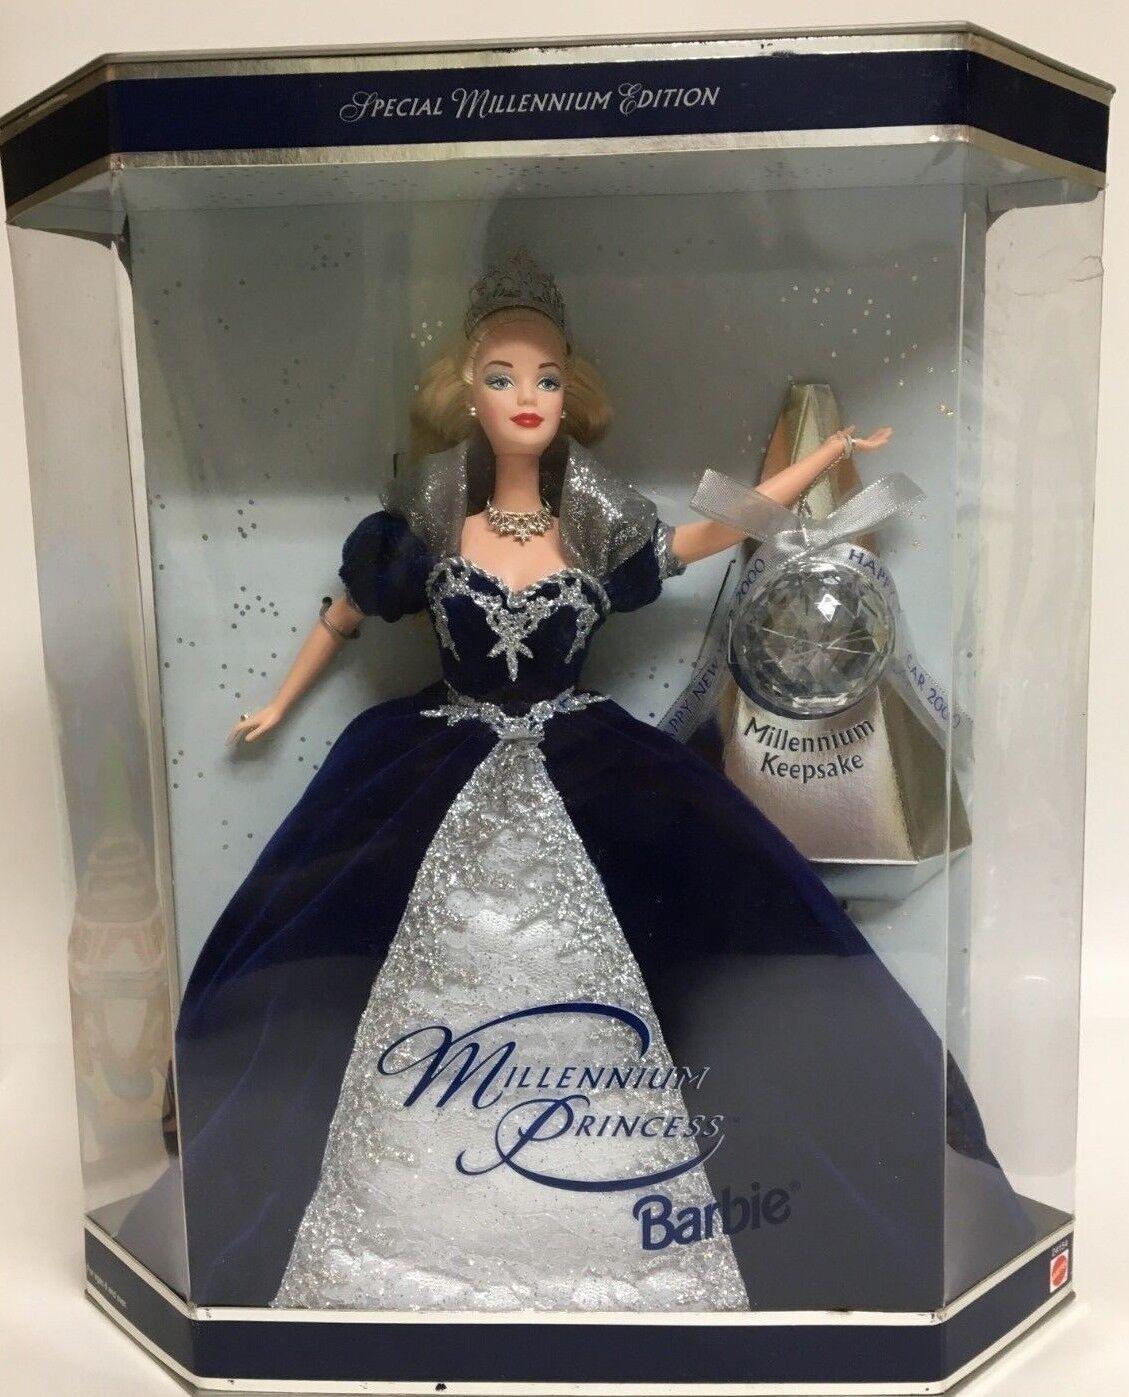 Muñeca Barbie Princesa del milenio feliz año nuevo Especial Ed Ornamento nunca quitado de la Caja de 2000